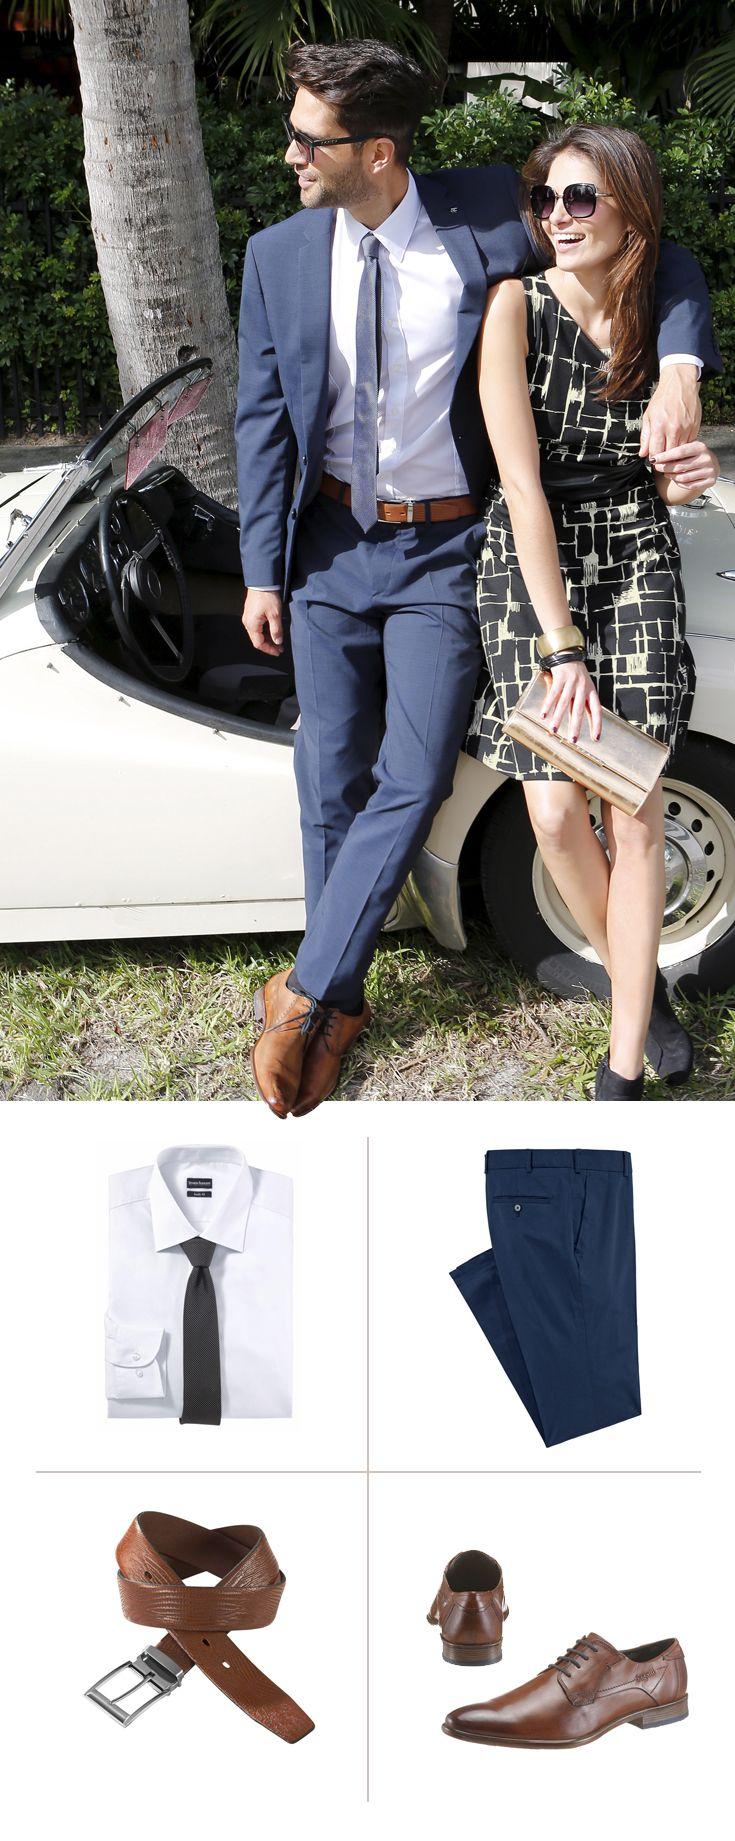 Strahlend weiße Hemden und tiefblaue Anzüge tragen einen Hauch von Sommer in den Business-Alltag – besonders stark in der Kombination von Bruno Banani. Die cognacfarbenen Bugatti Schnürer und der passende J. Jayz Ledergürtel geben dem Look den letzten Schliff.